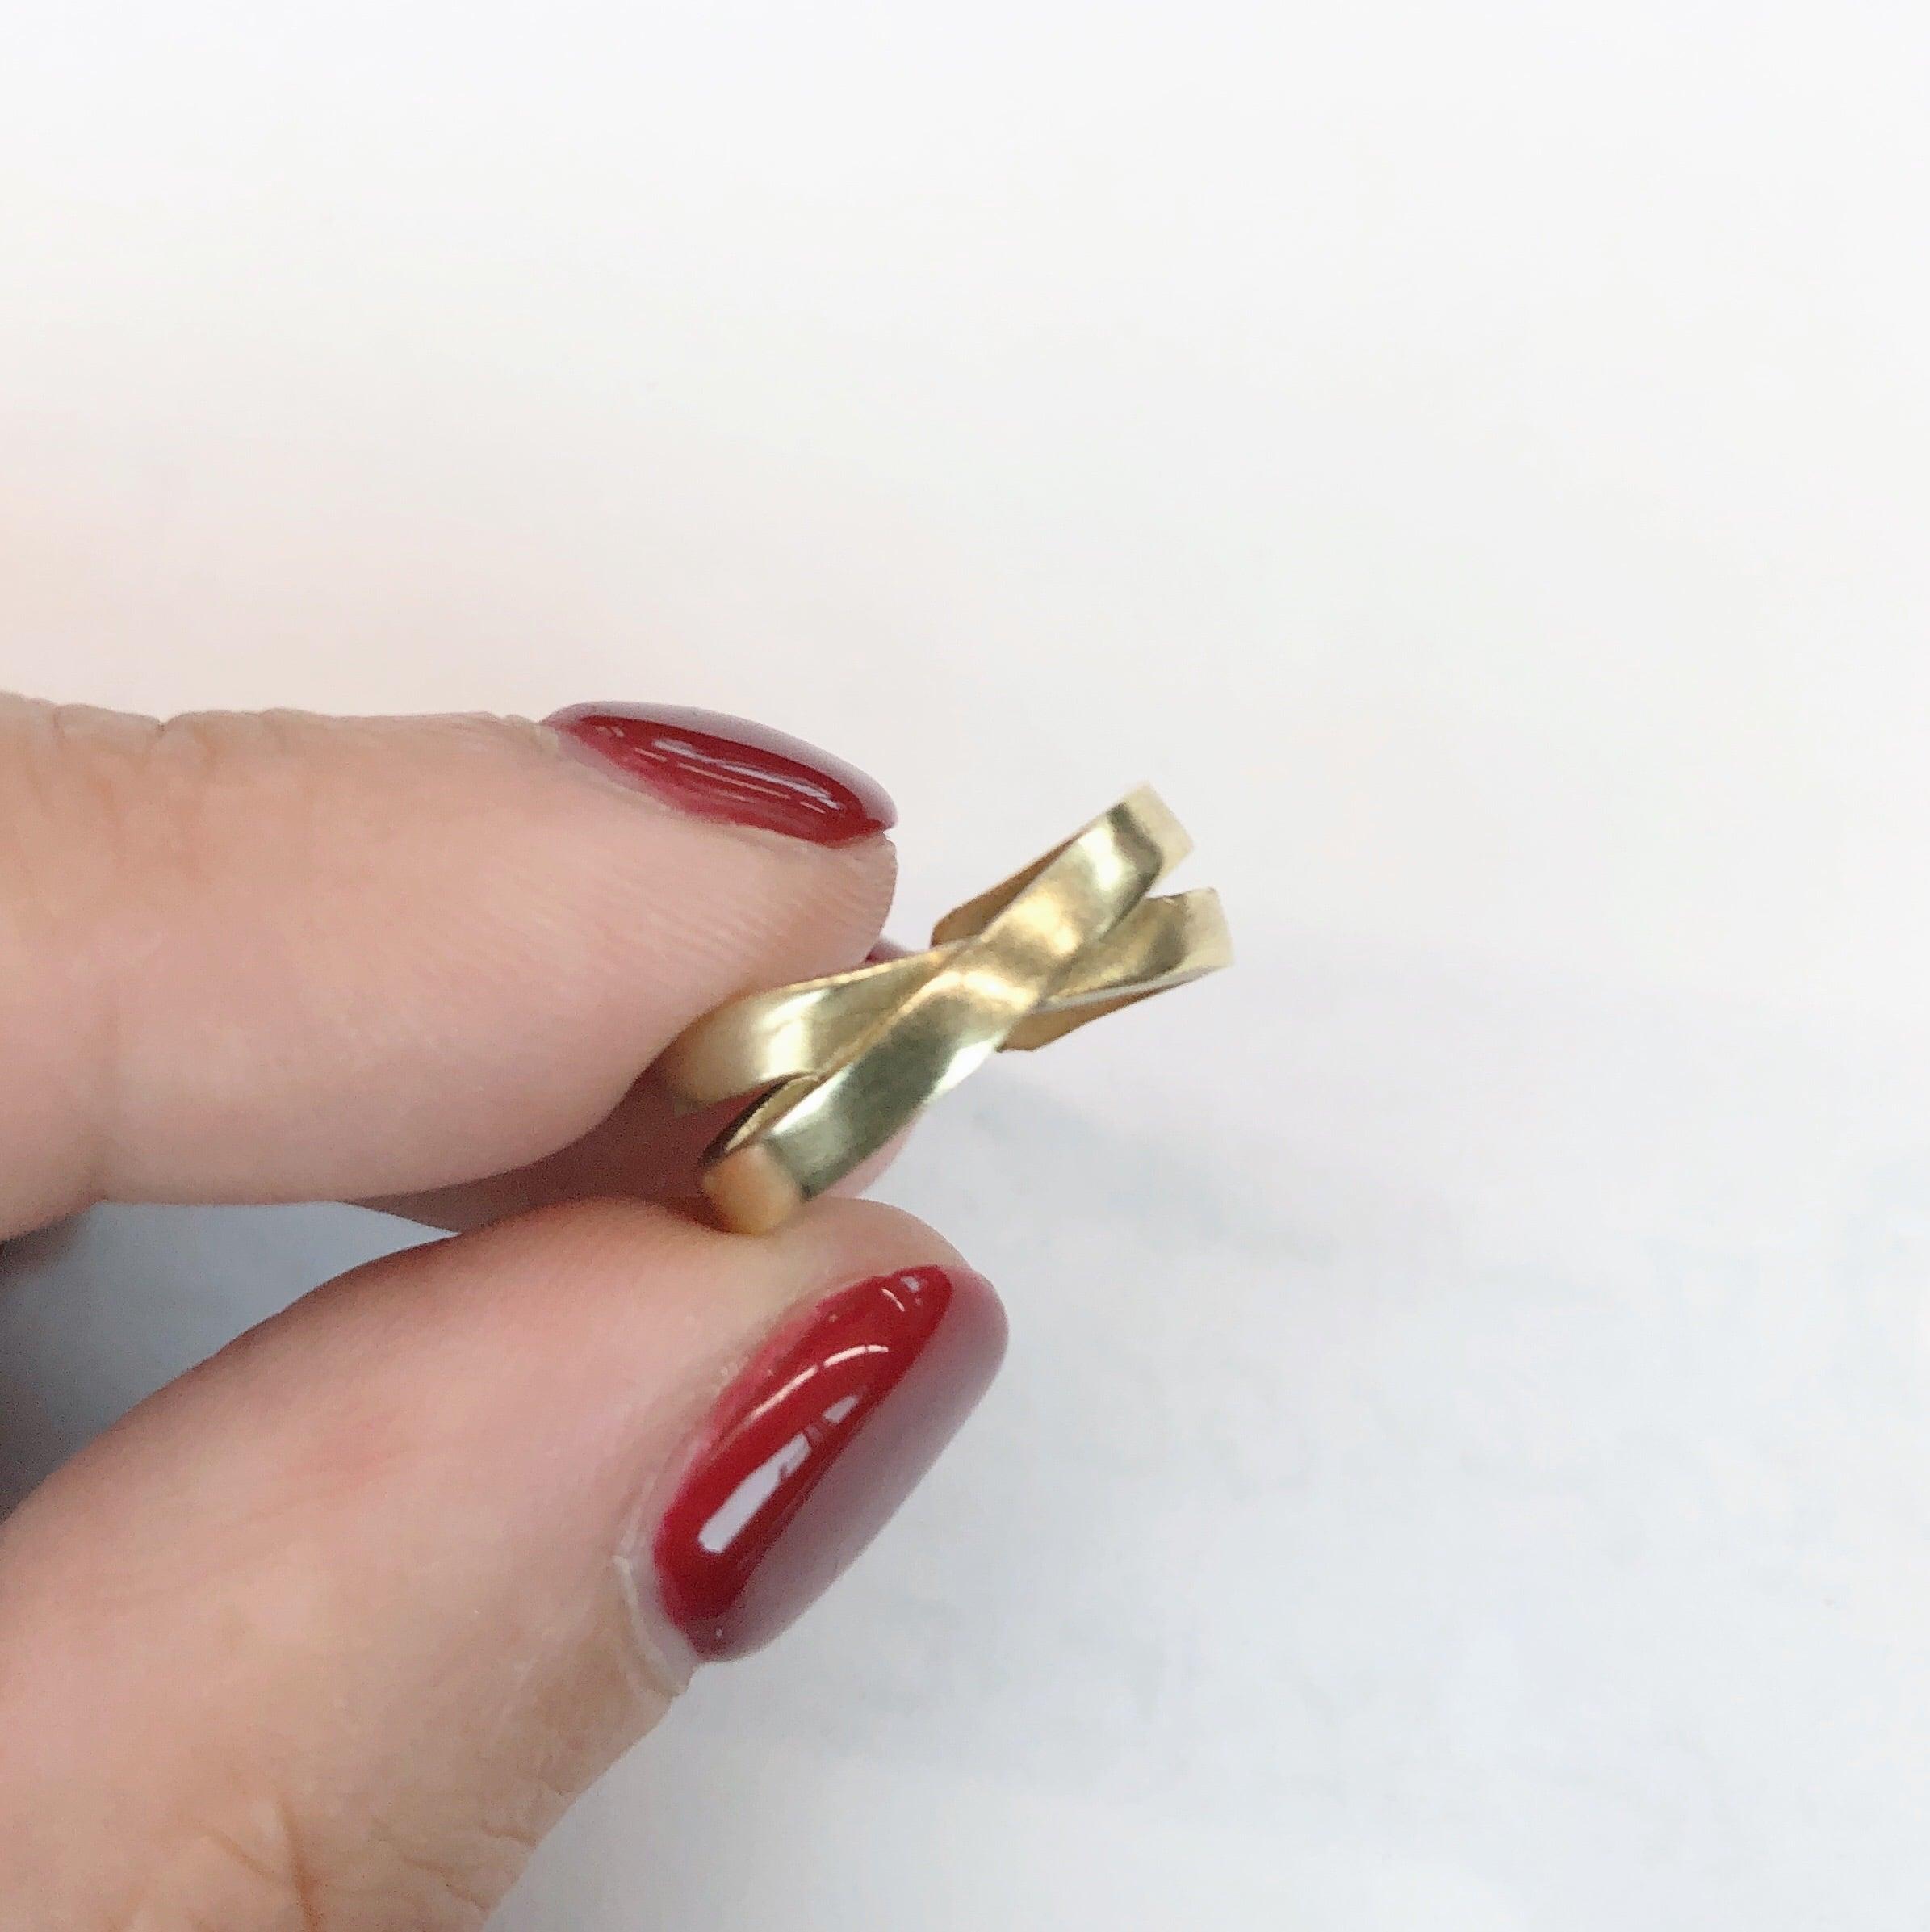 Raw brass Rings - X pinky ring RG-043